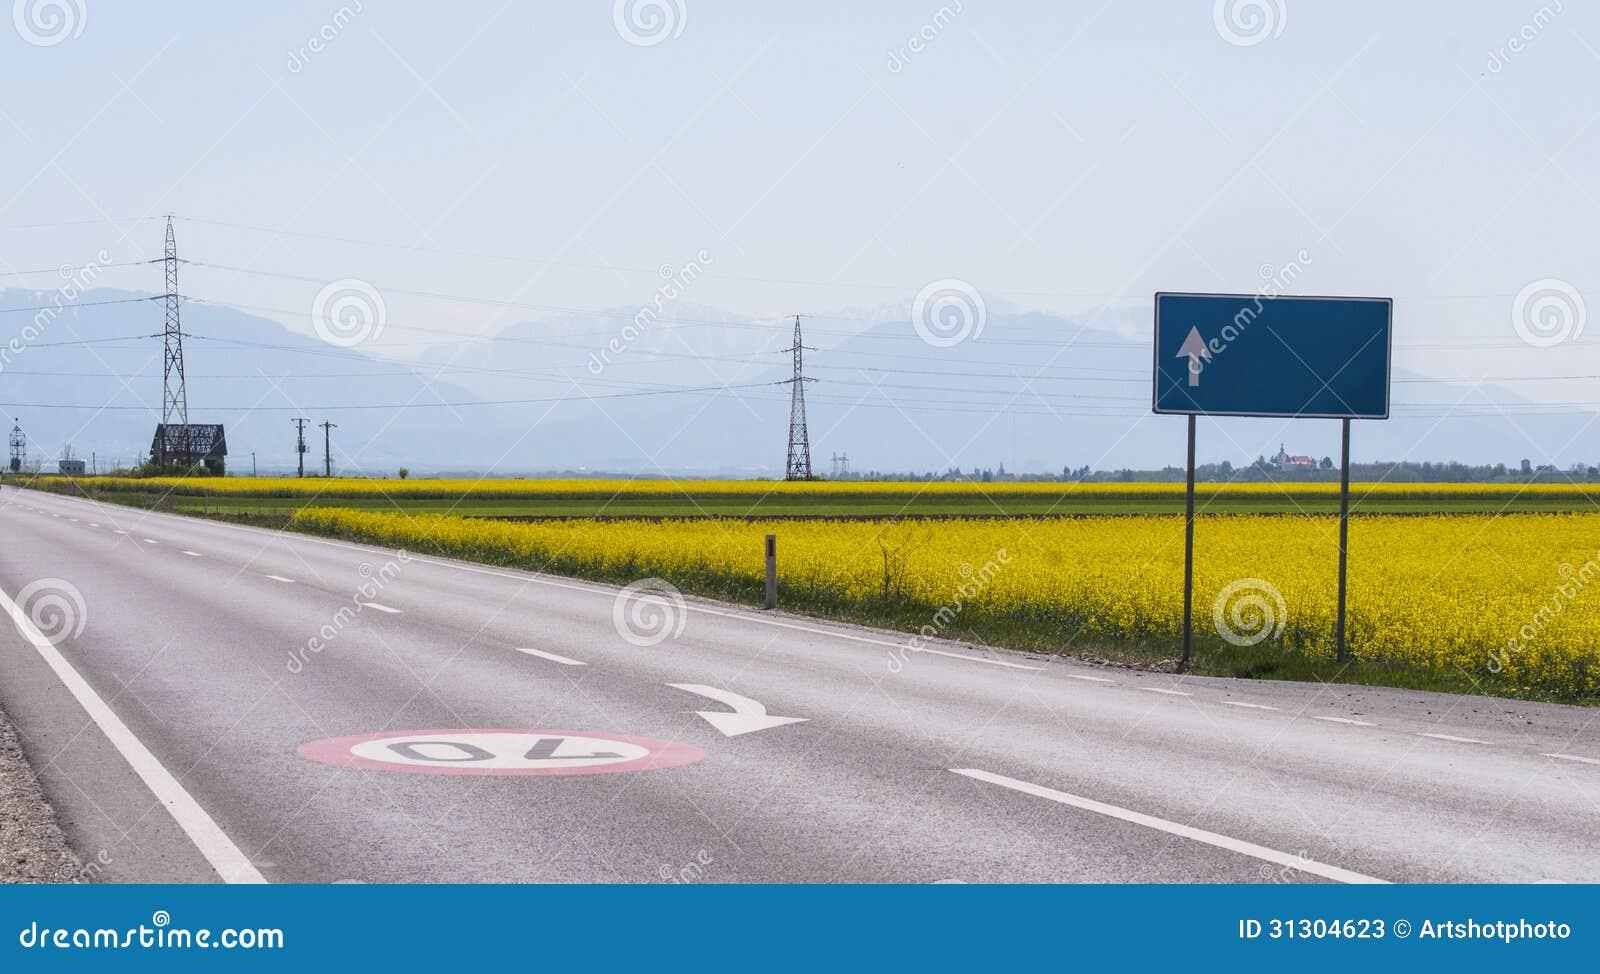 Route abandonnée